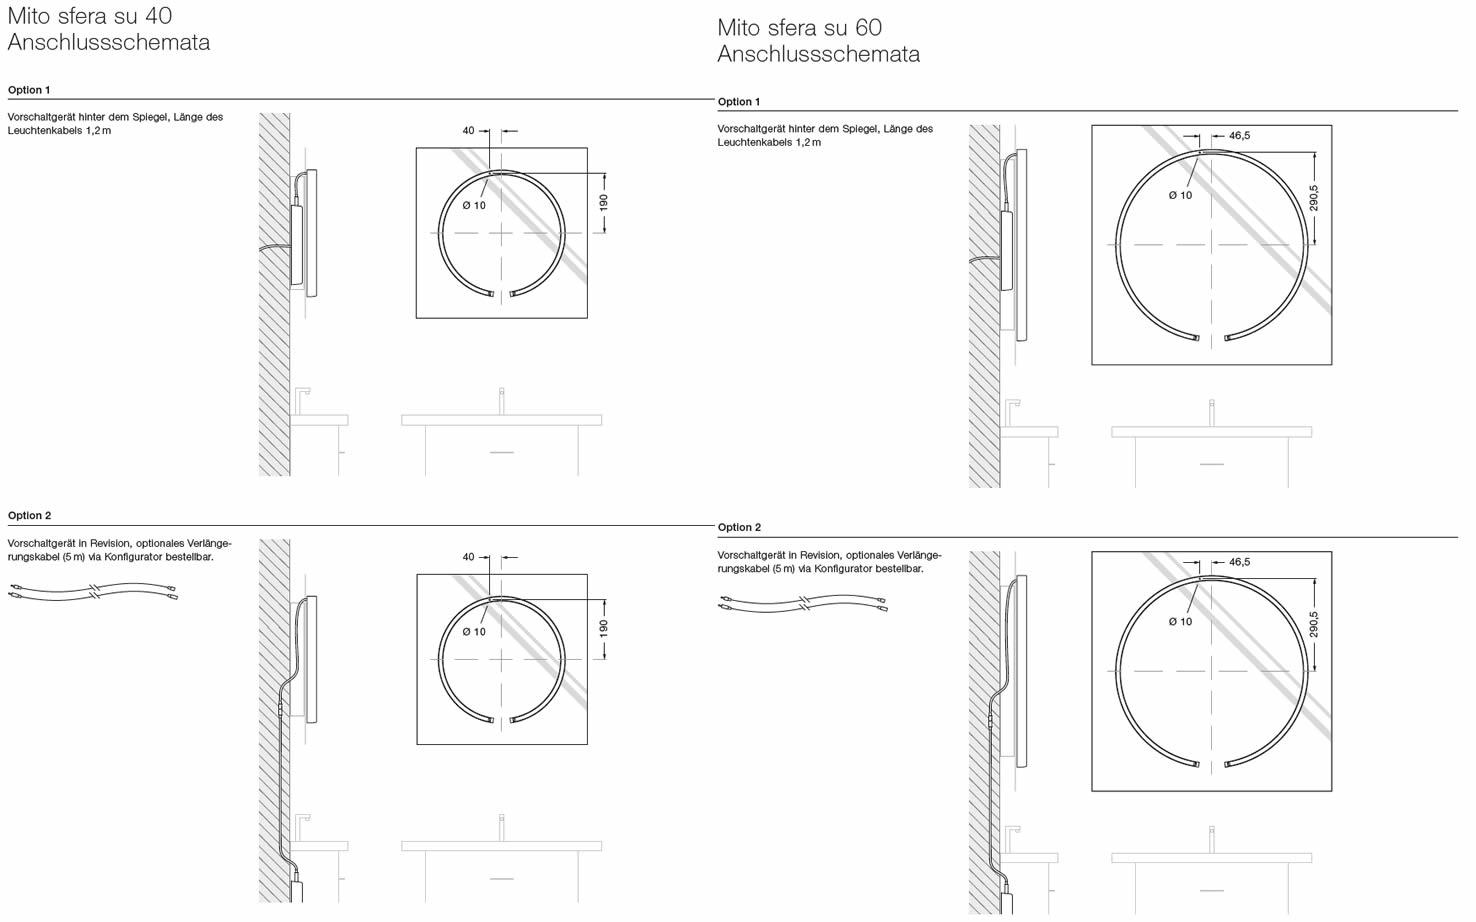 occhio-mito-sfera-su-anschluss-schemata